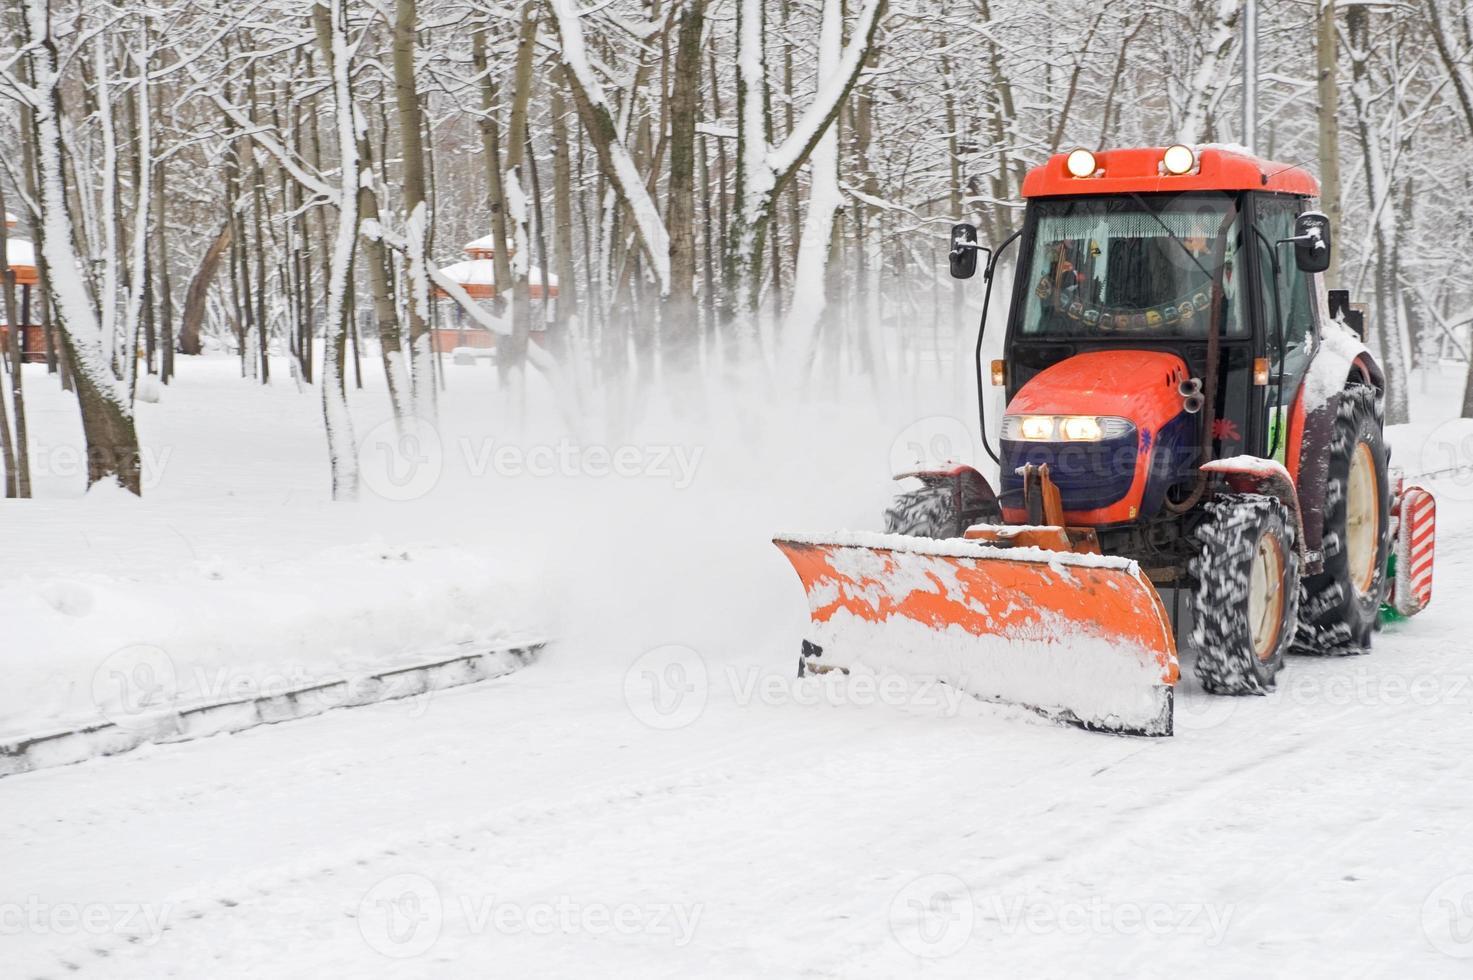 rimozione neve invernale un piccolo trattore foto